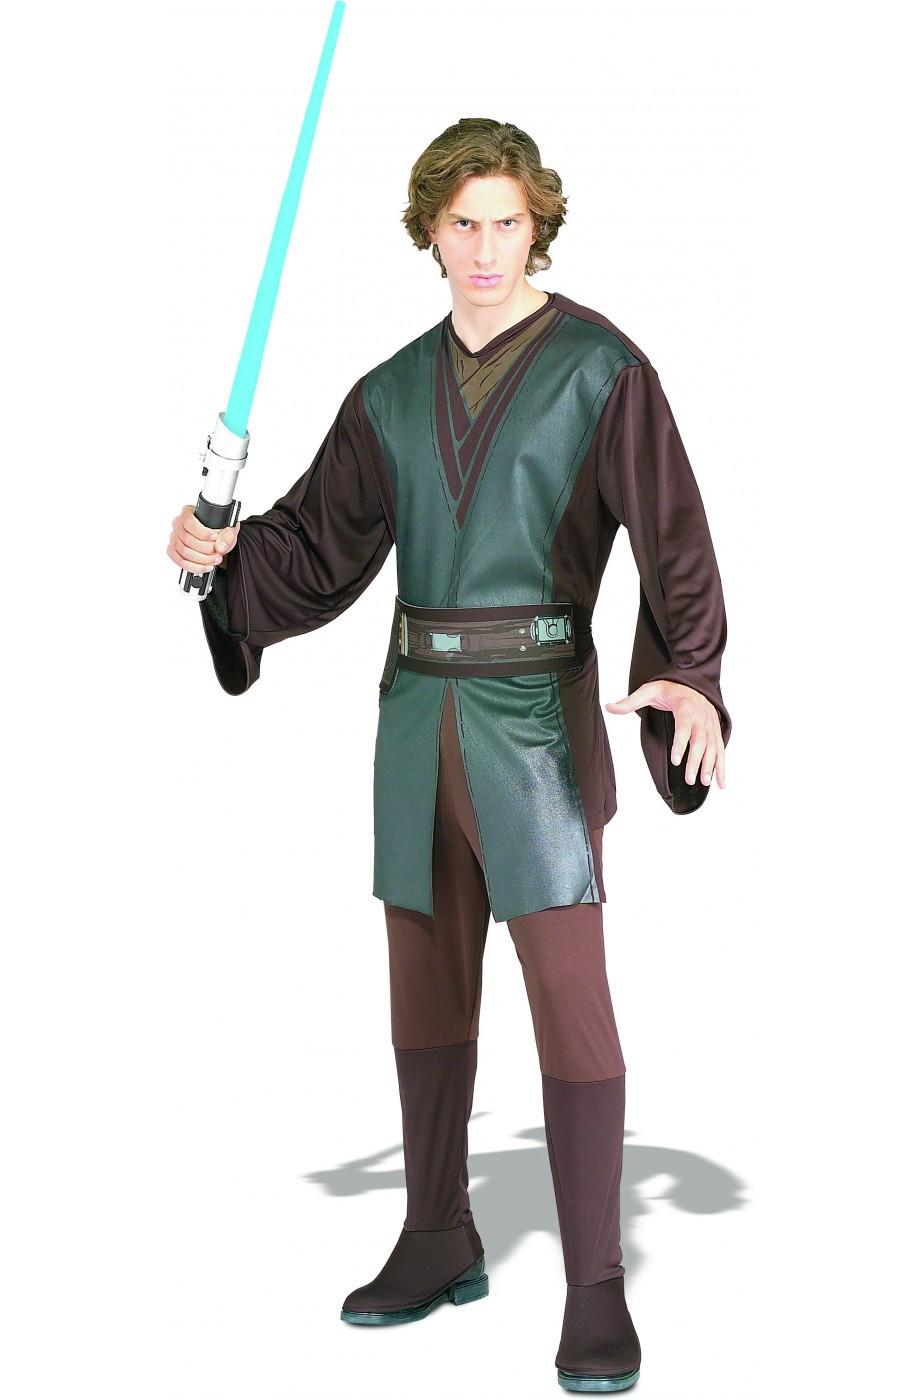 Costume Anakin Skywalker Star Wars